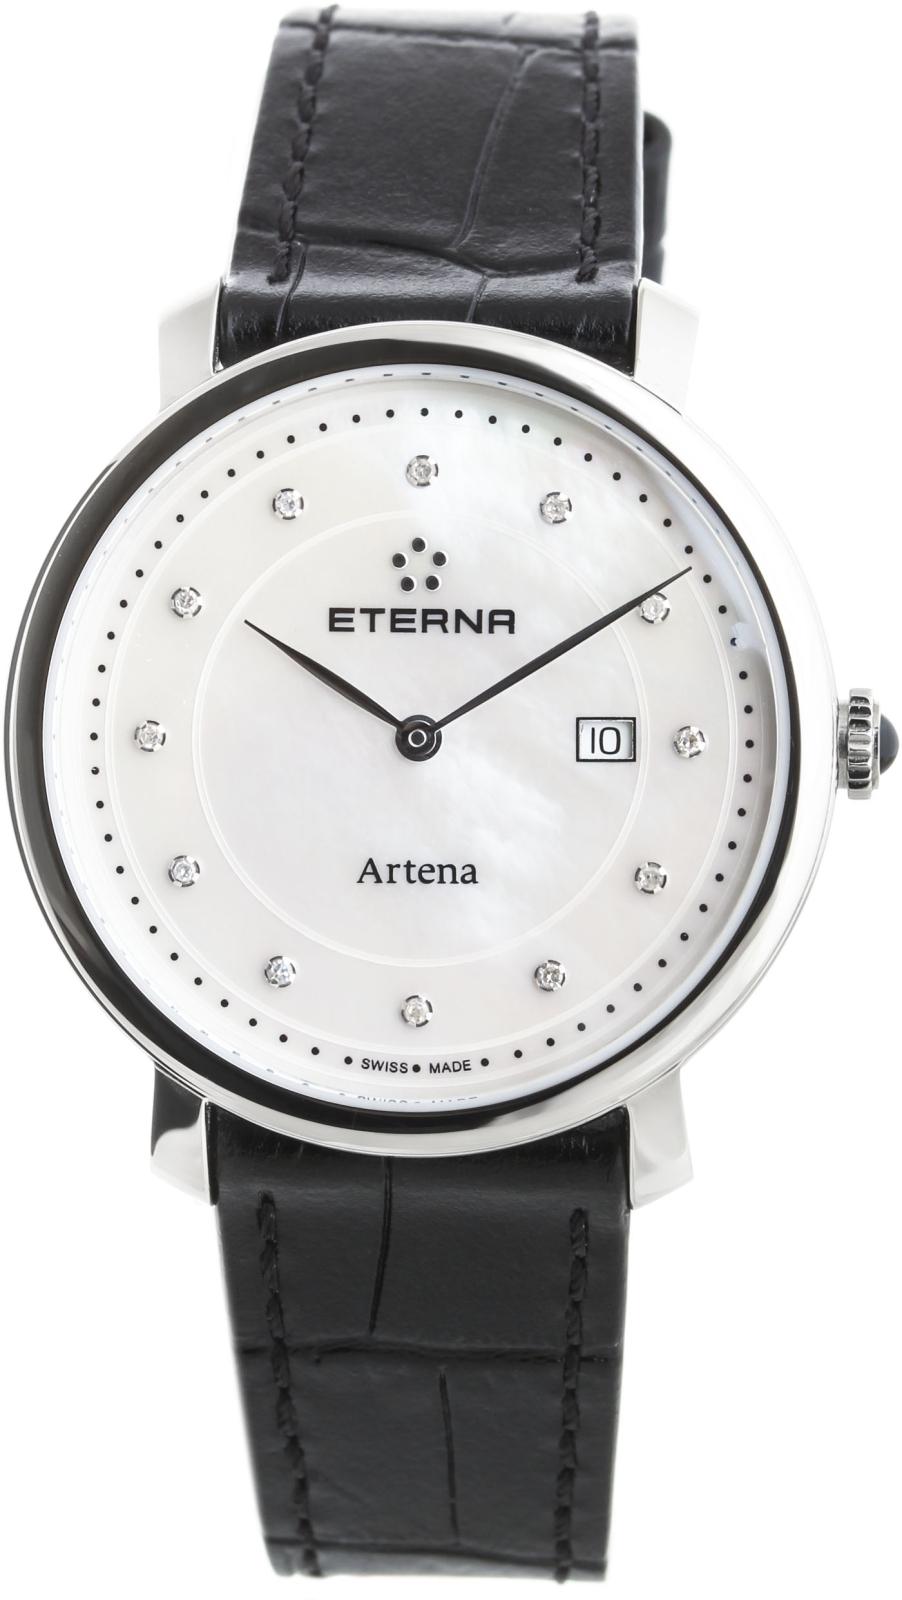 Eterna Artena 2510.41.66.1251Наручные часы<br>Швейцарские часы Eterna Artena 2510.41.66.1251Представленная модель входит в коллекцию Artena. Это настоящие женские часы. Материал корпуса часов &amp;mdash; сталь. Стекло - сапфировое. Водозащита этой модели 30 м.<br><br>Пол: Женские<br>Страна-производитель: Швейцария<br>Механизм: Кварцевый<br>Материал корпуса: Сталь<br>Материал ремня/браслета: Кожа<br>Водозащита, диапазон: 20 - 100 м<br>Стекло: Сапфировое<br>Толщина корпуса: None<br>Стиль: None